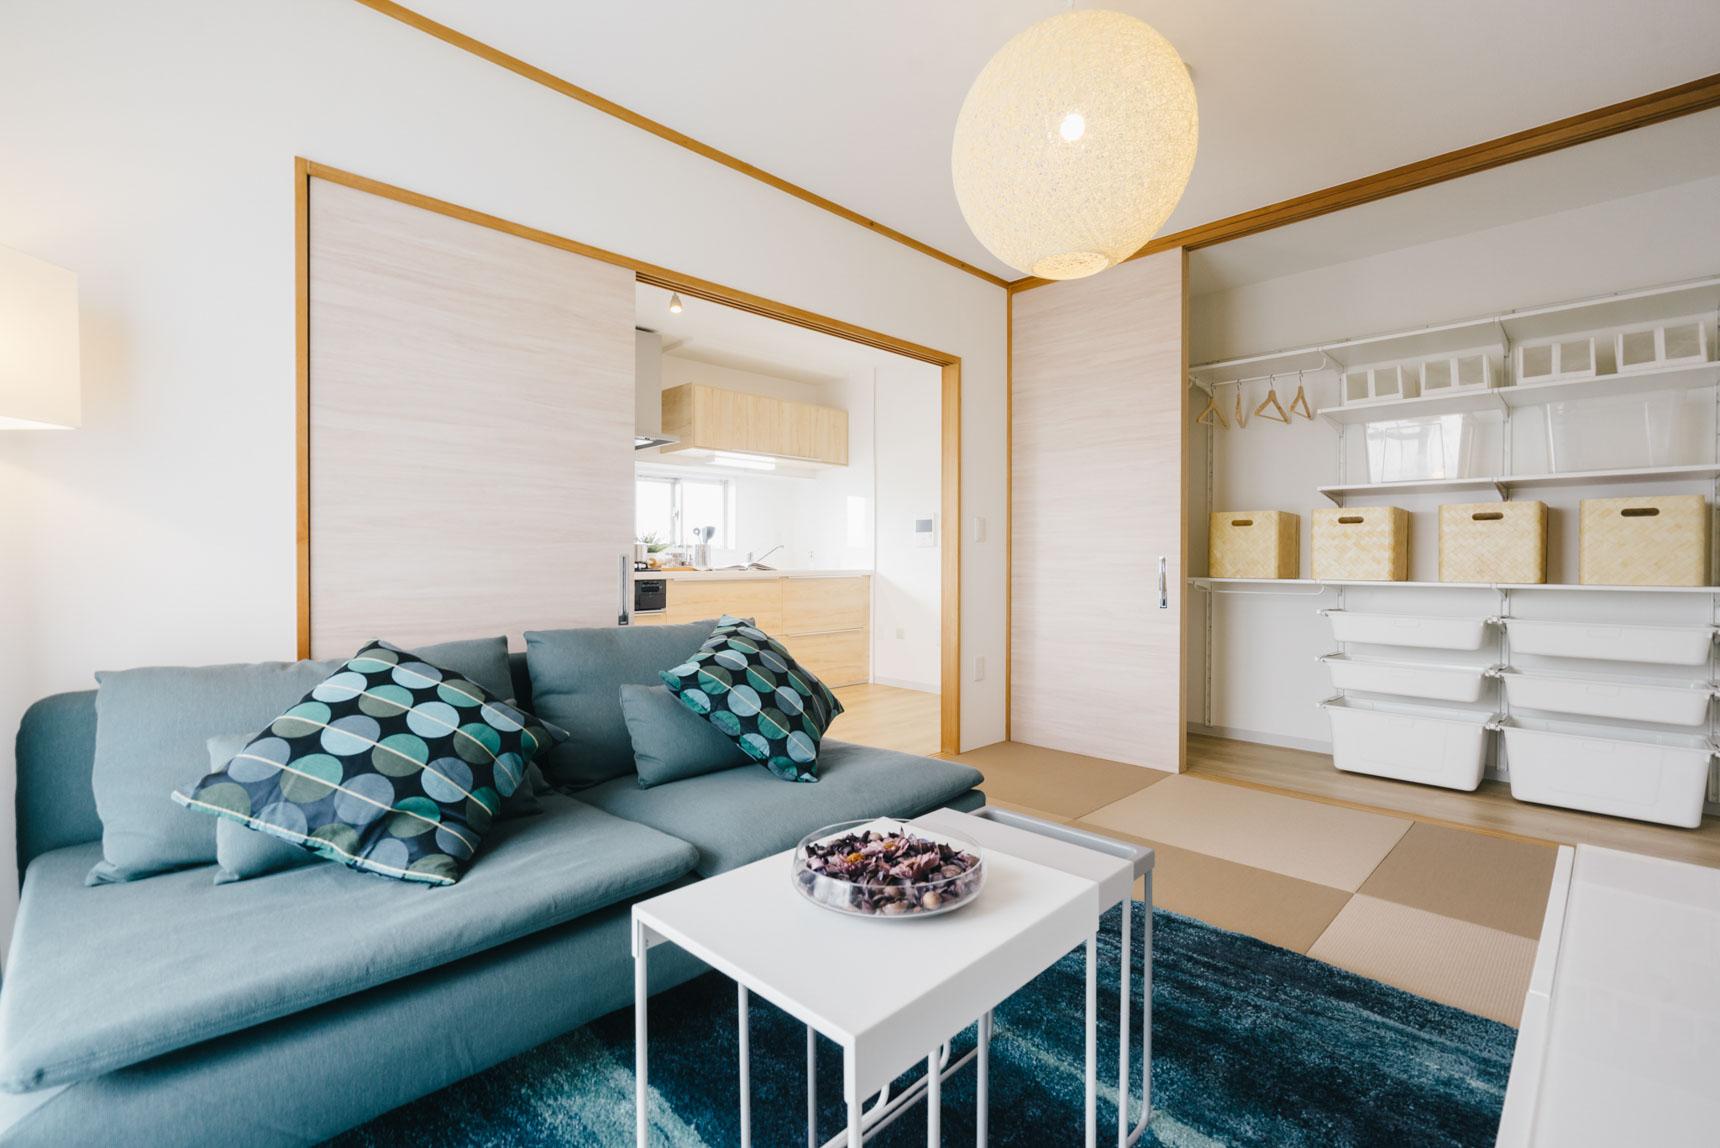 ベランダに面した和室は、ダイニング・キッチンとひと続きの空間のように使っても良さそう。正方形の半畳畳は、和洋どちらのスタイルにも合います。